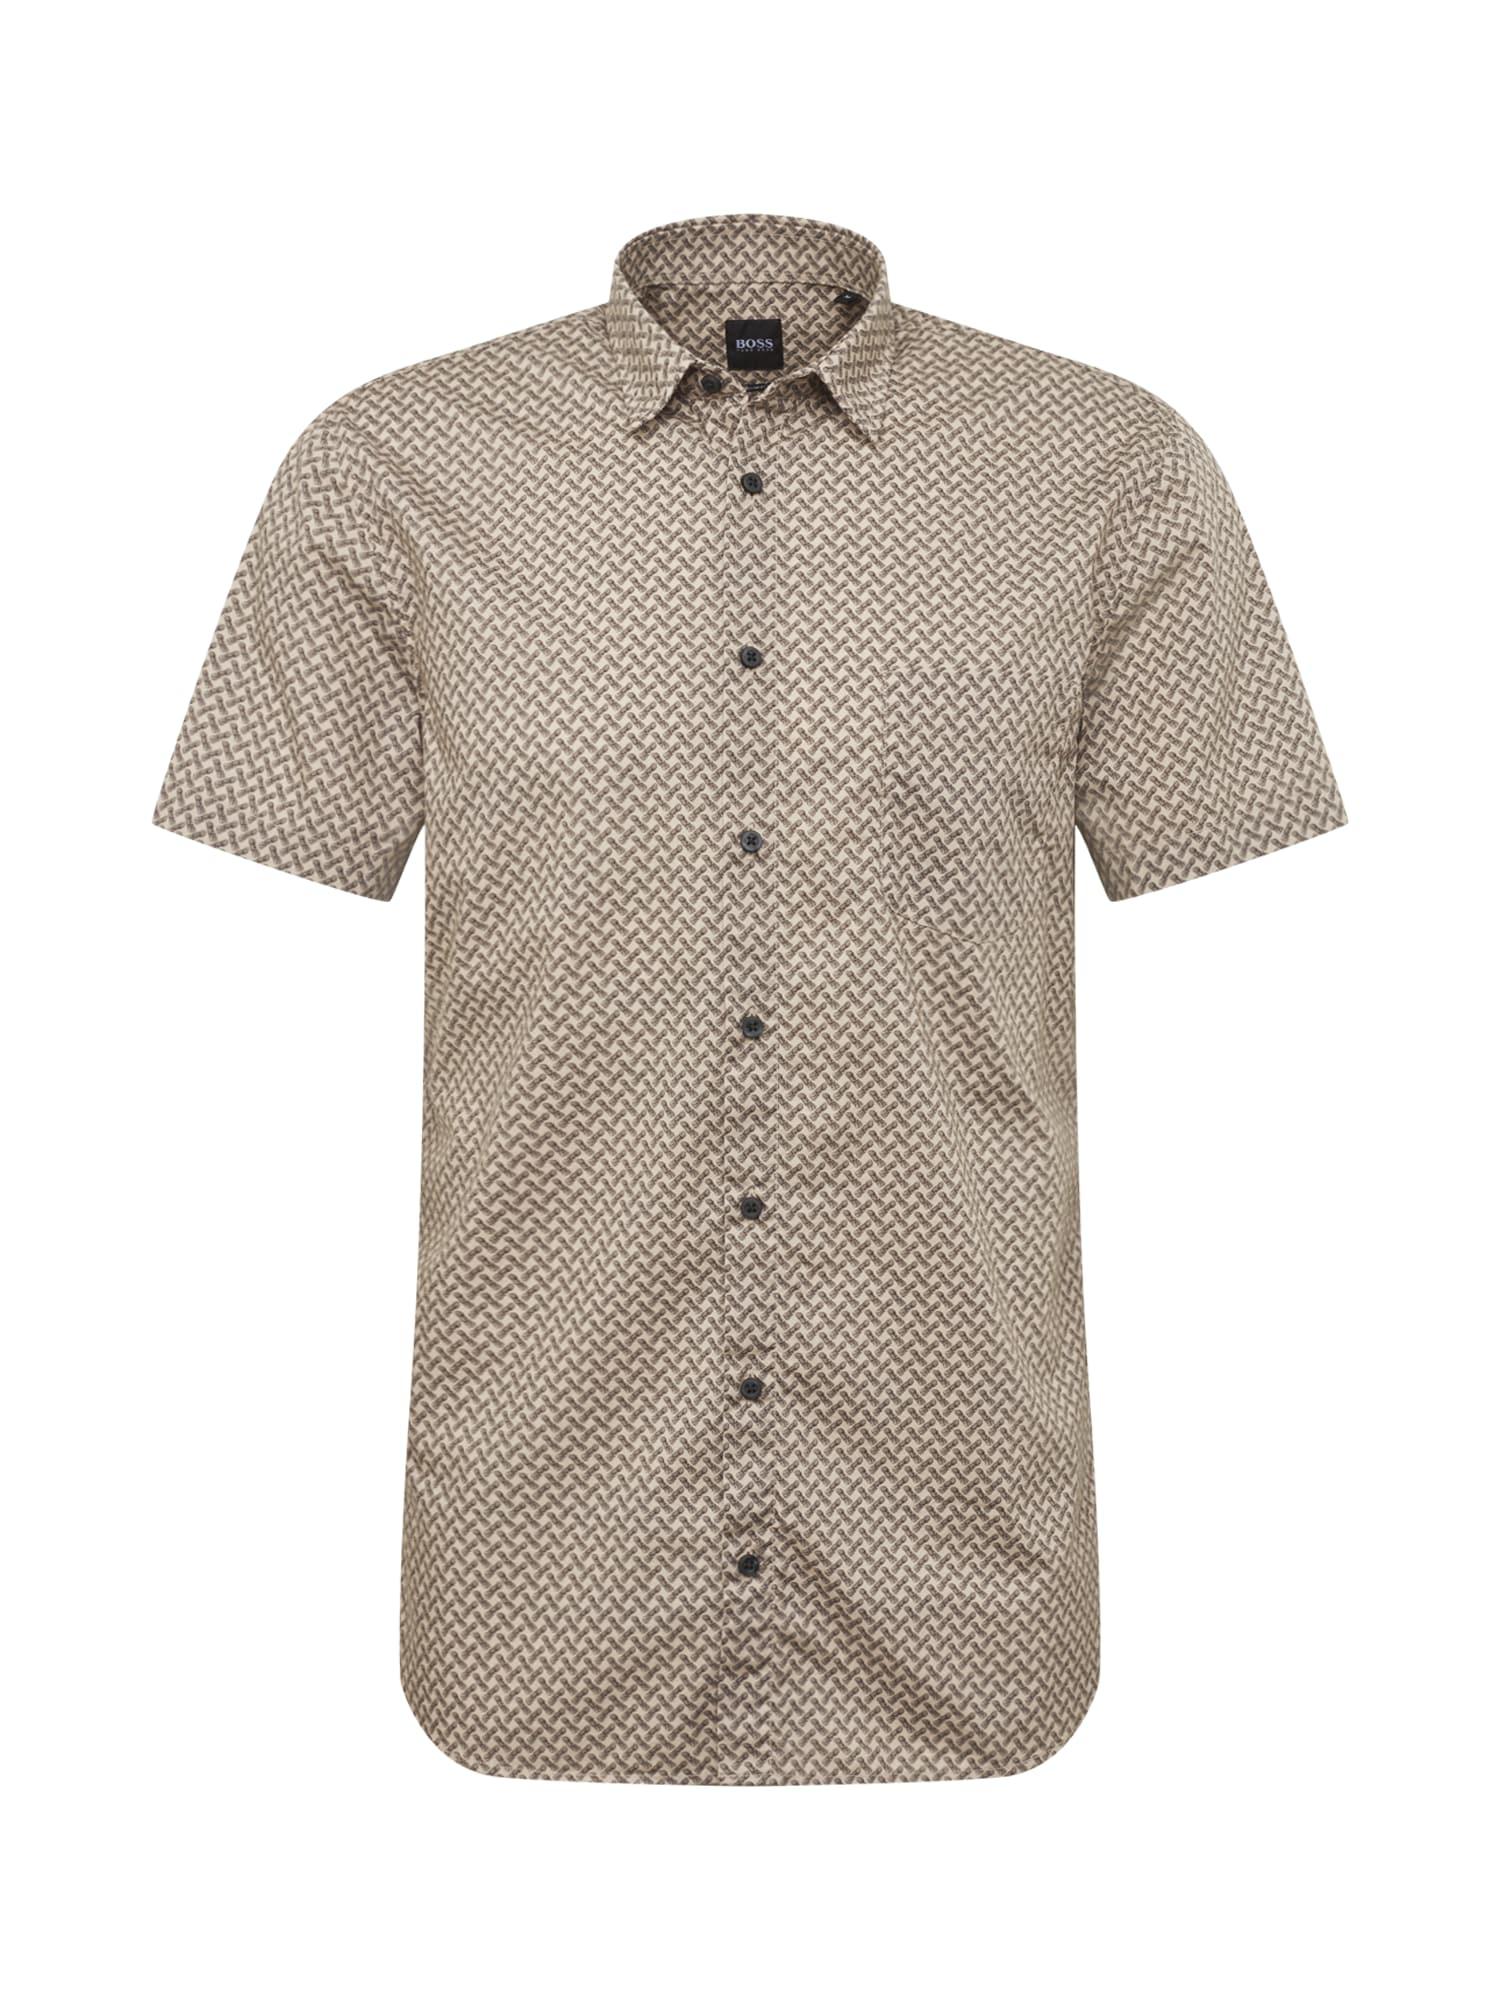 BOSS Dalykiniai marškiniai 'Magneton_1-short 10216566 0' gelsvai pilka spalva